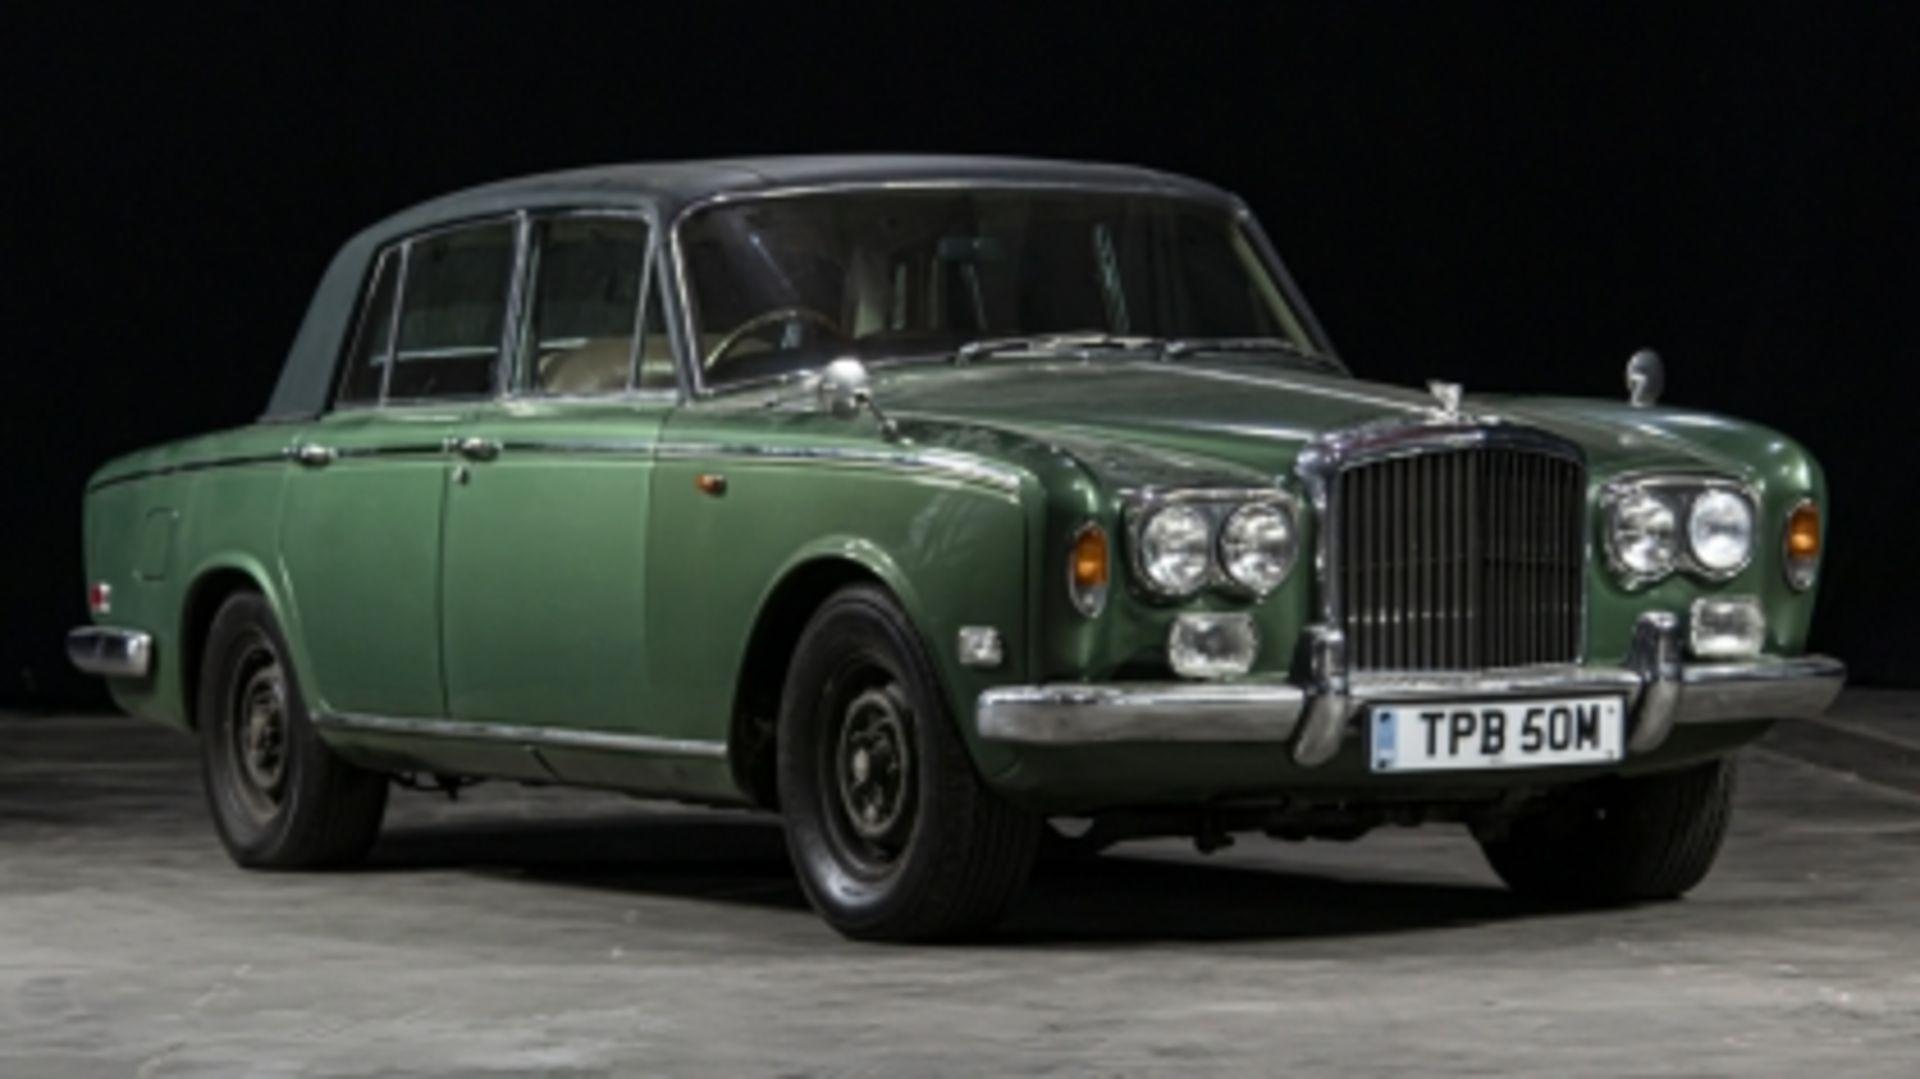 Lot 572 - 1973 Bentley T1 Saloon